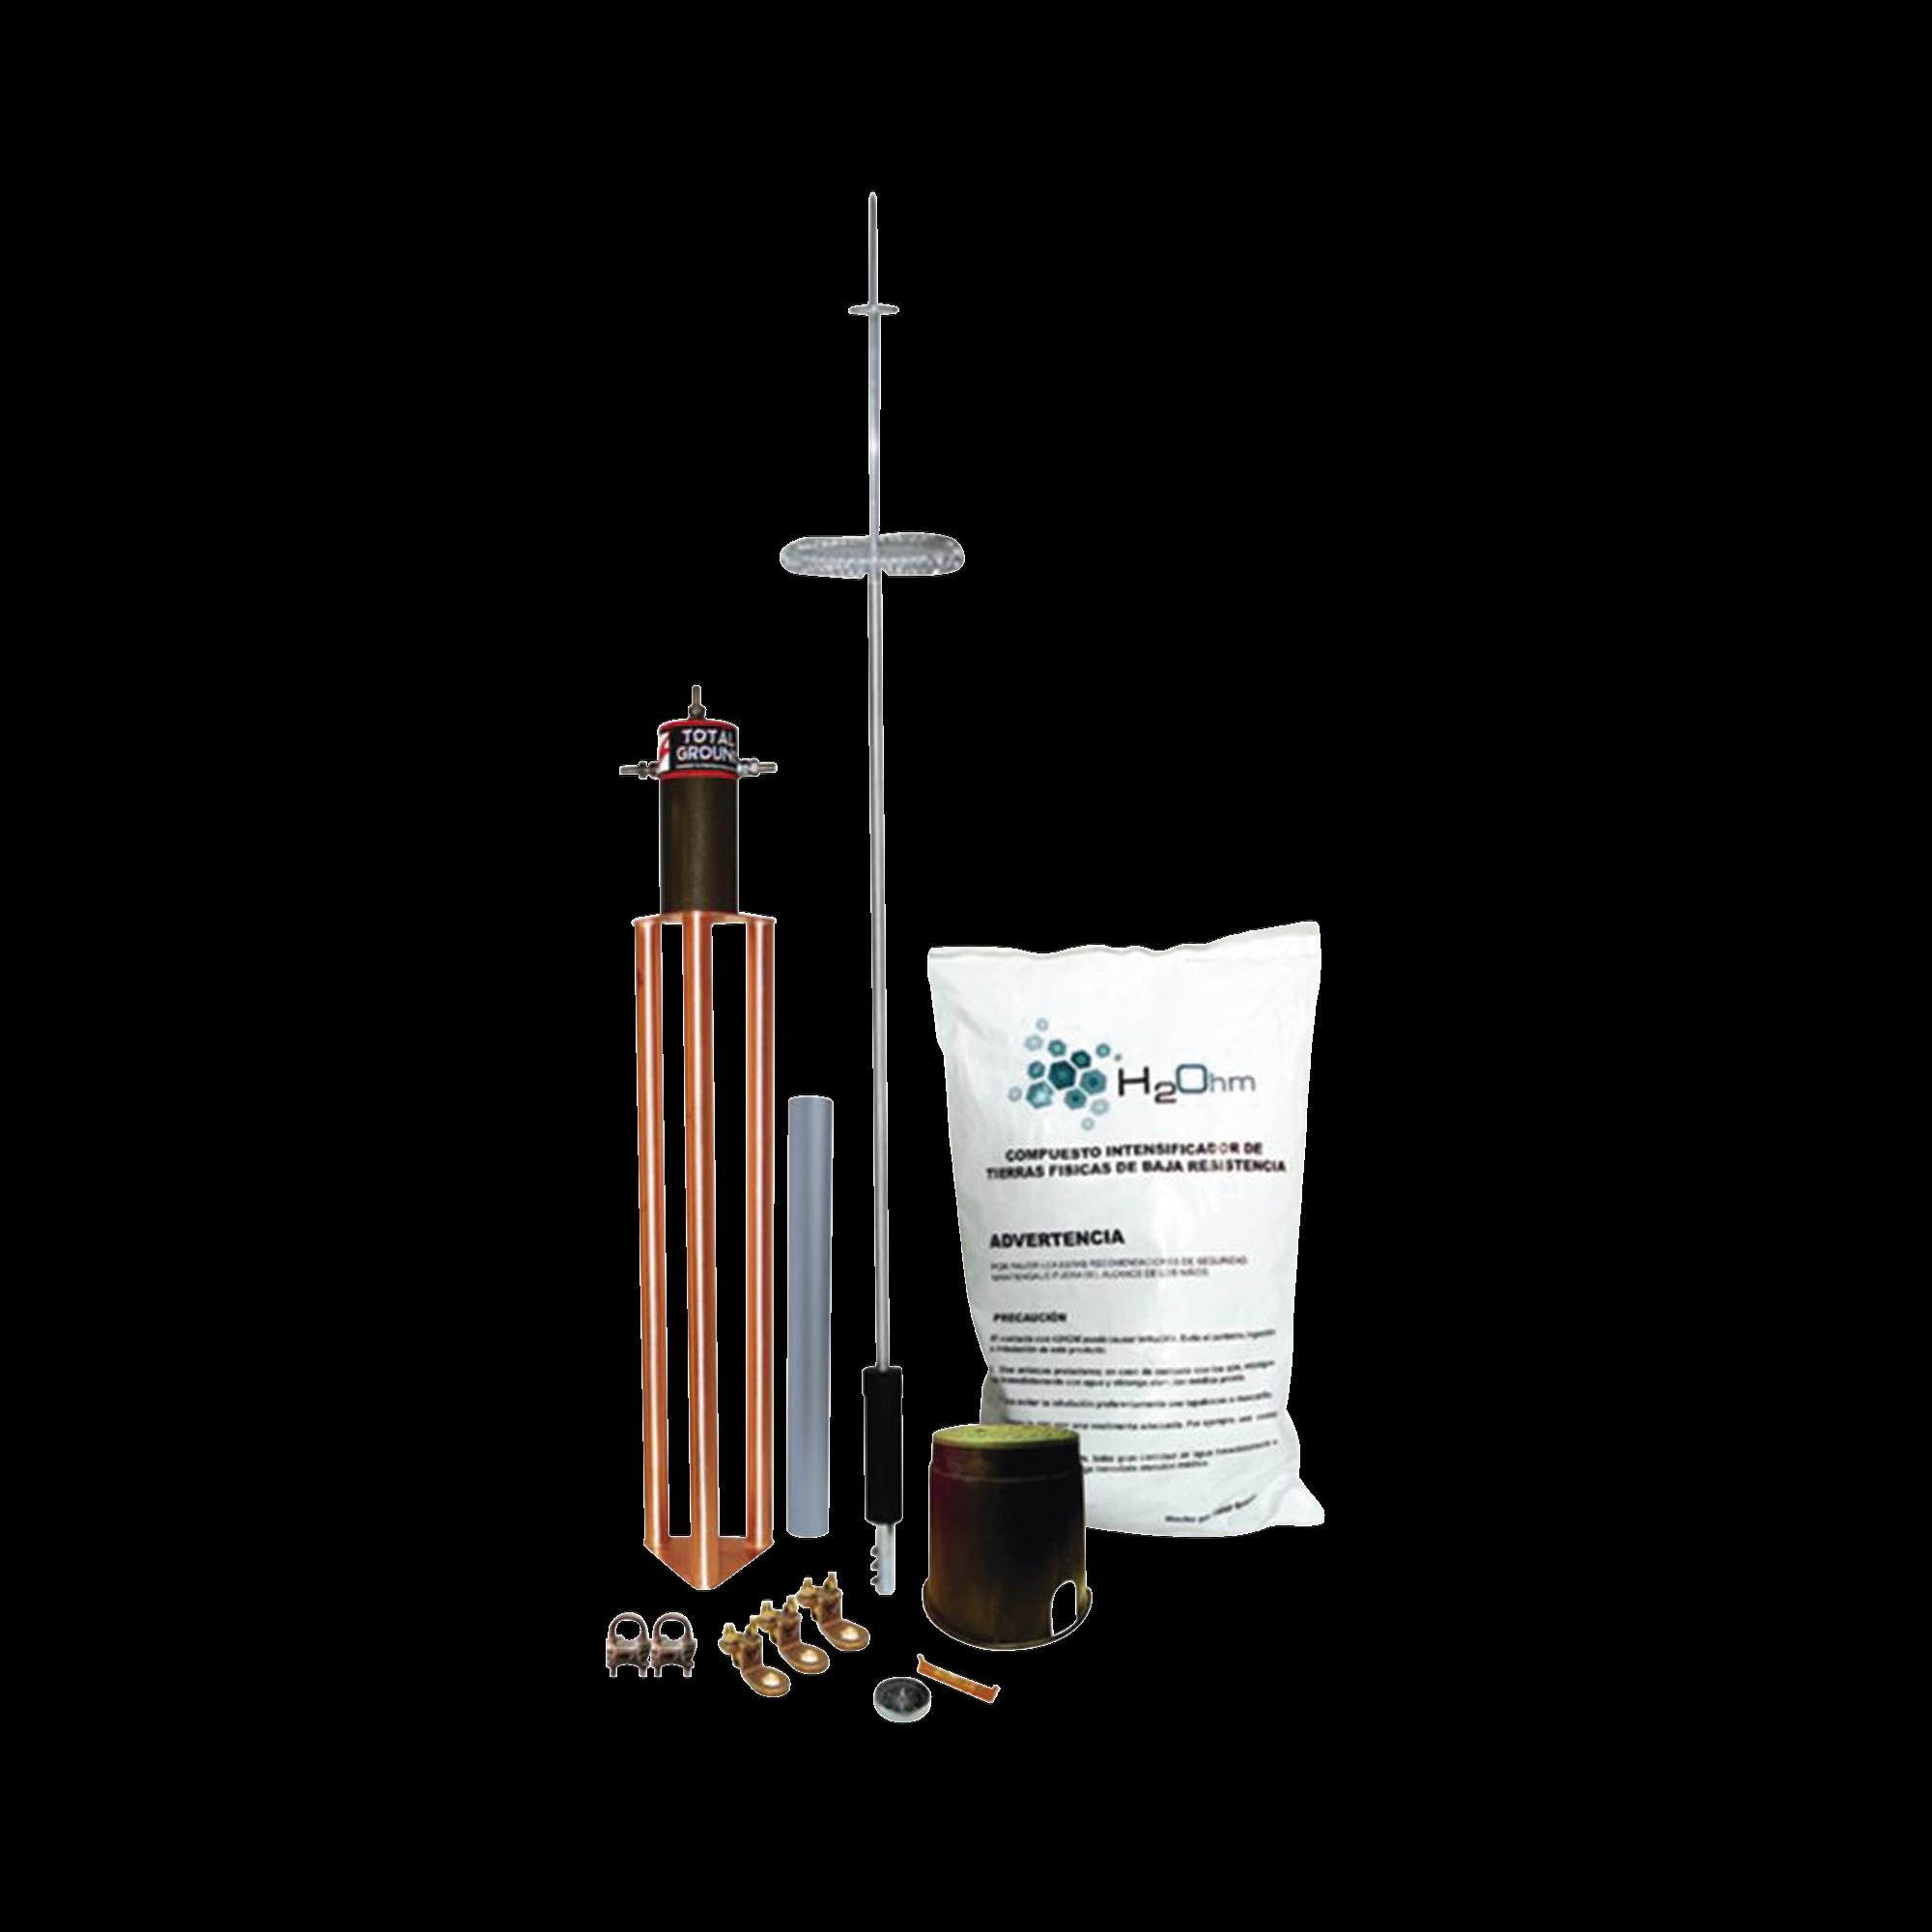 Kit de Pararrayo para Torre o Poste tipo Dipolo Corona con Electrodo y Accesorios de instalación.